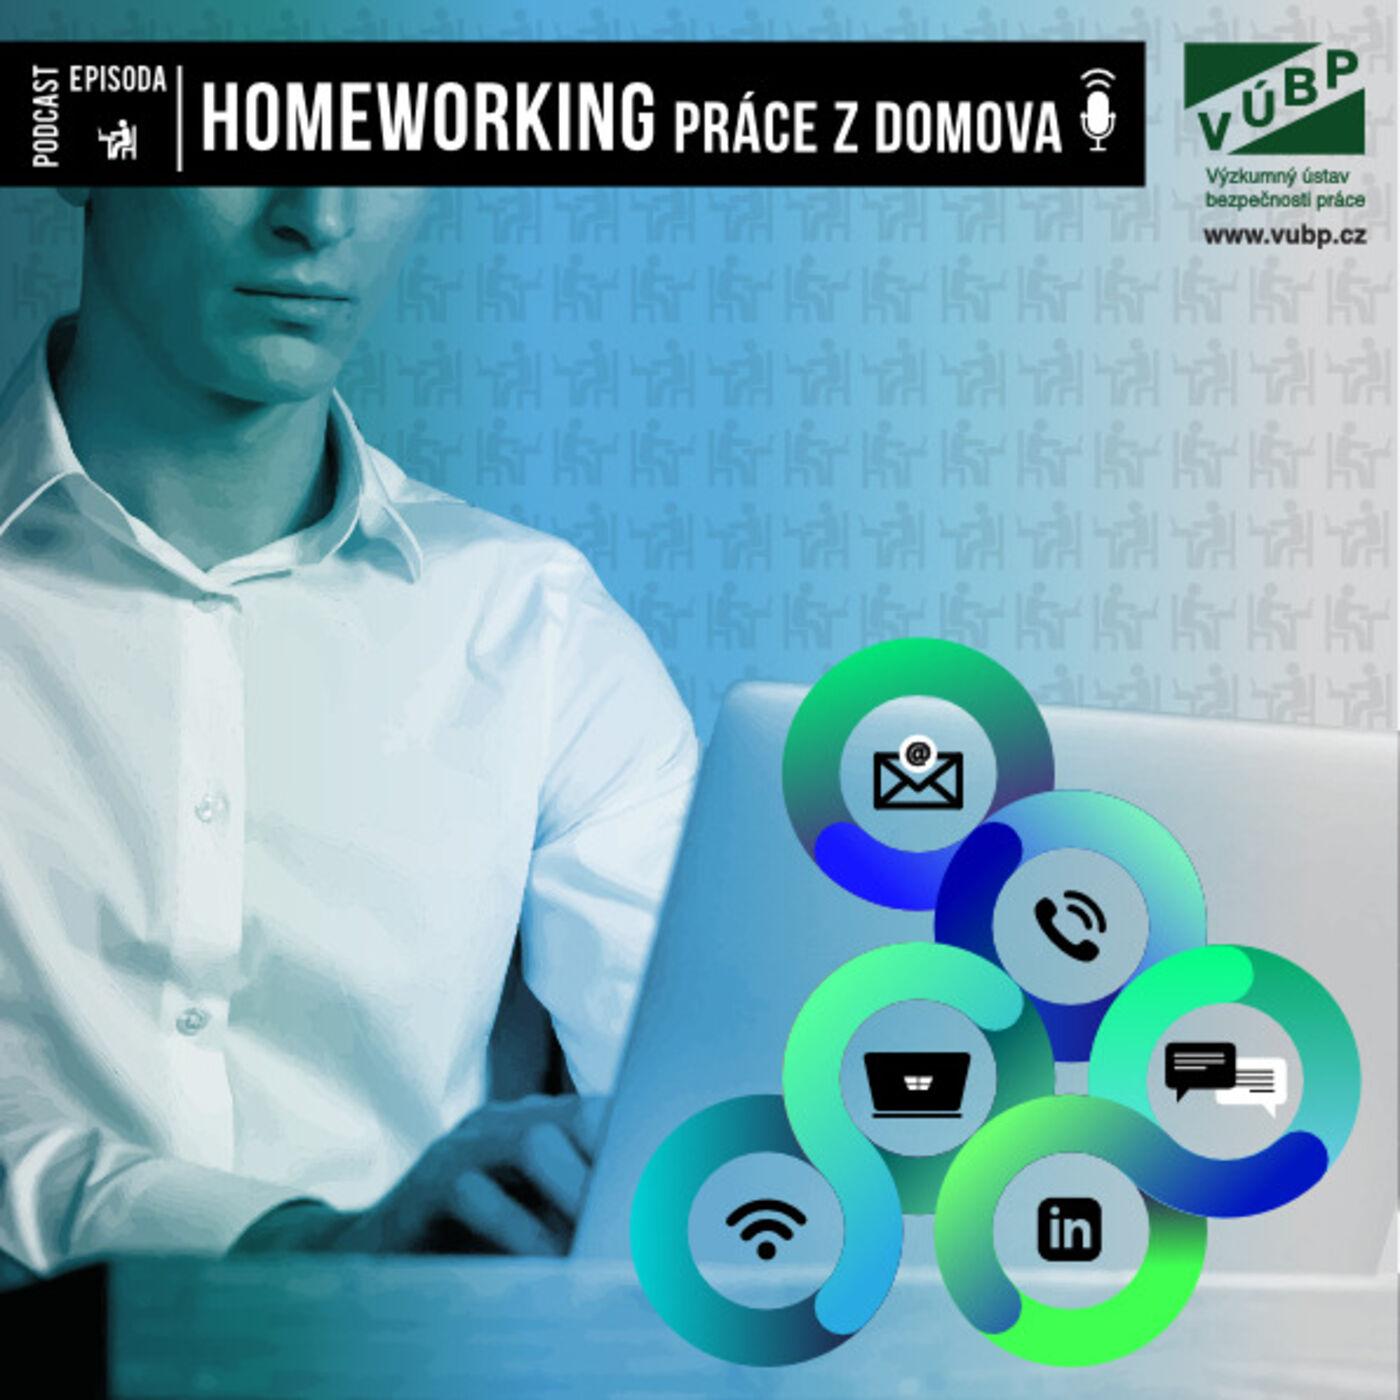 Práce z domácího prostředí (Homeworking #2) - Jak práci zdomácího prostředí dlouhodobě přežít ve zdraví